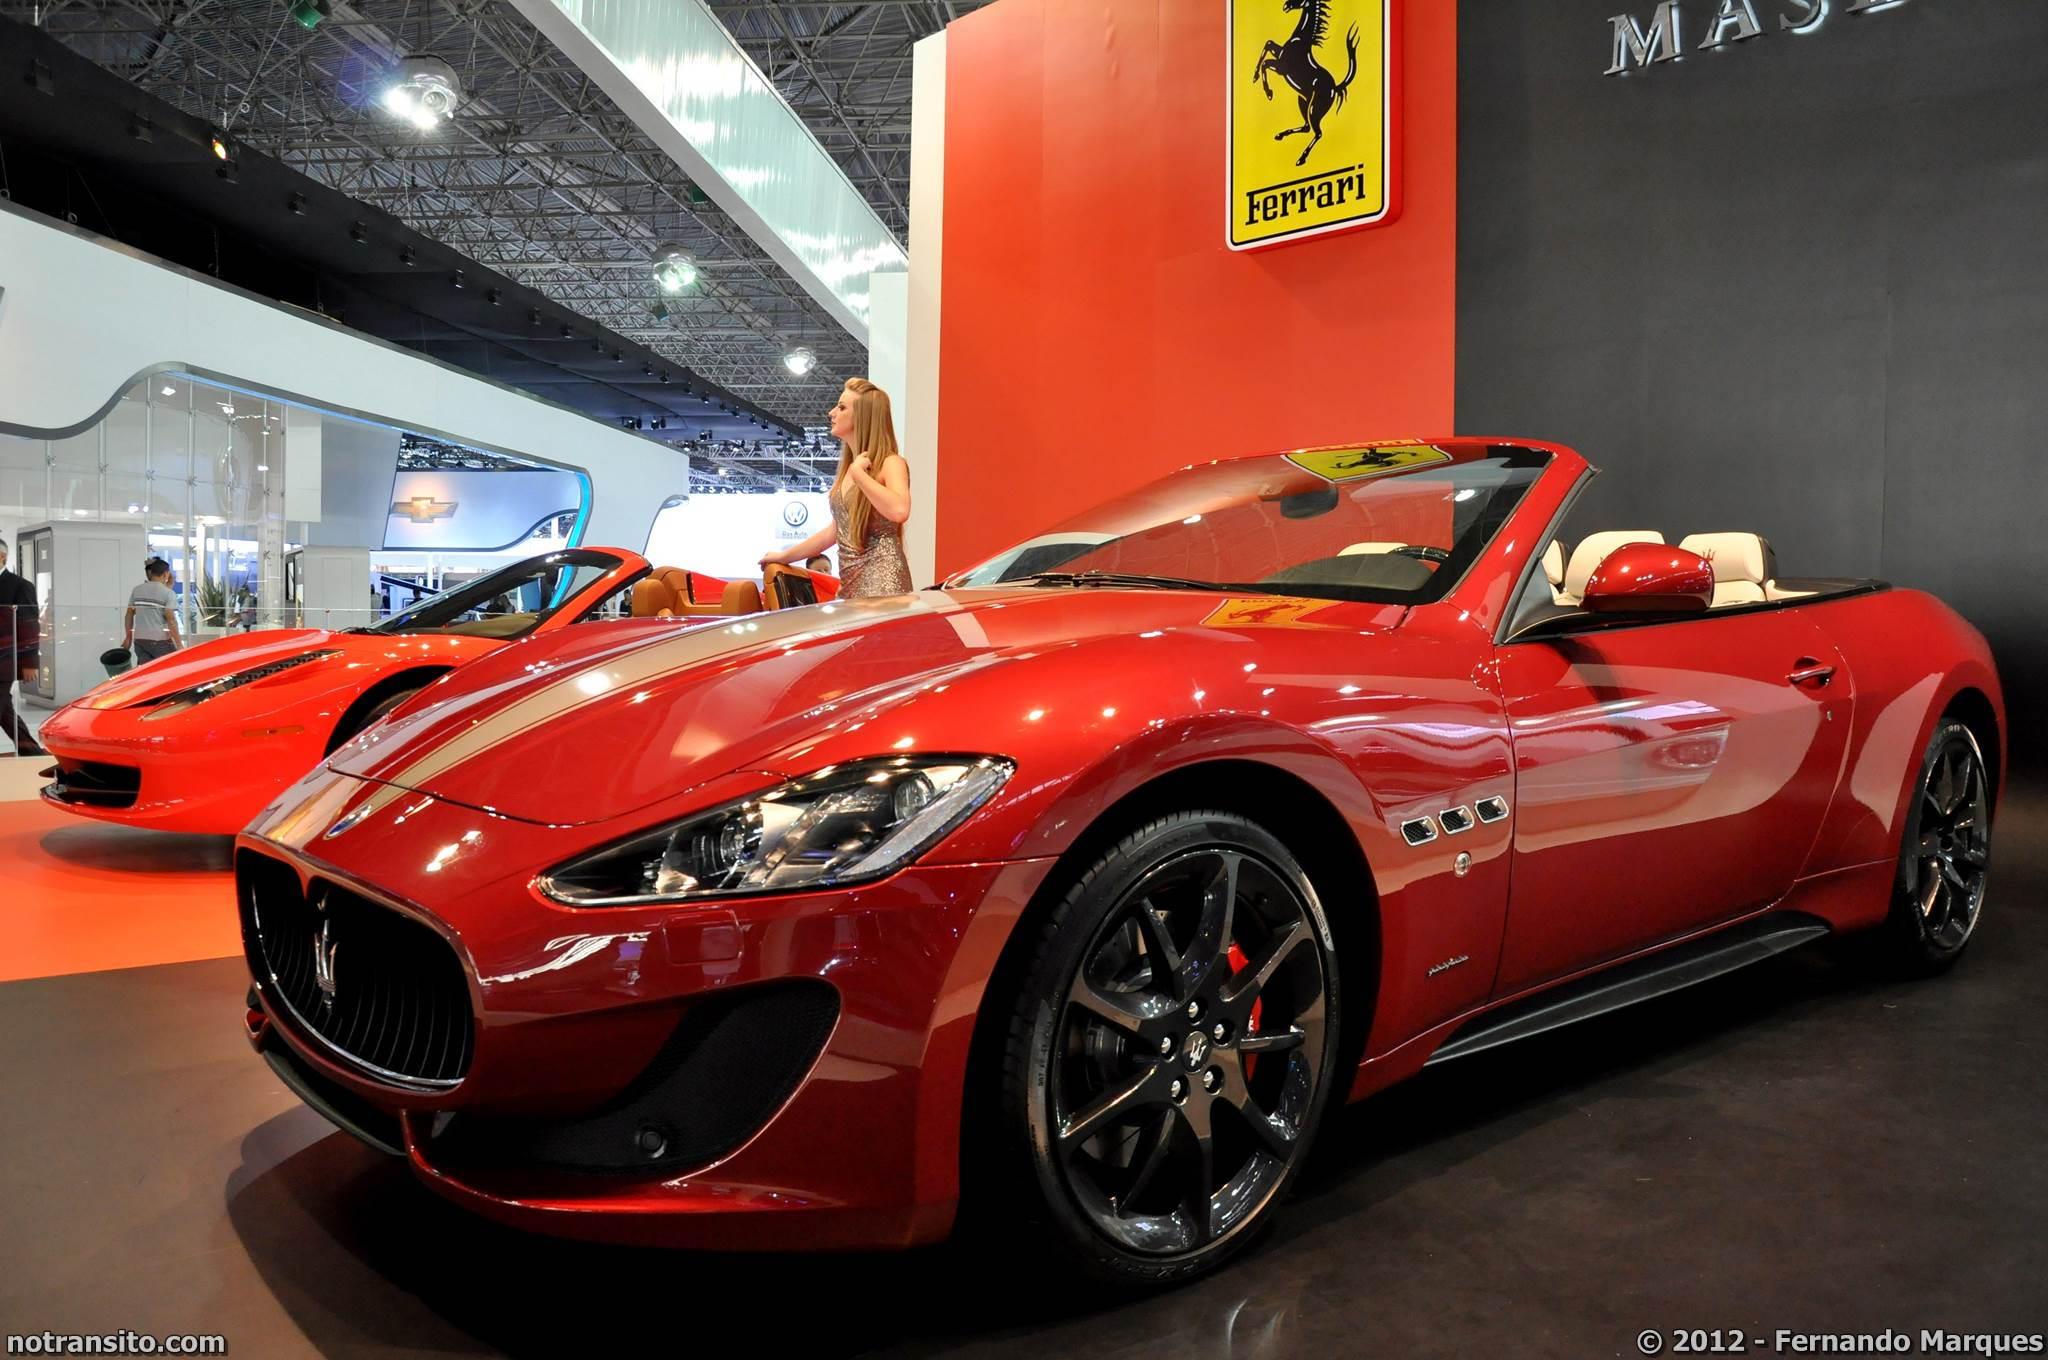 Salão do Automóvel de São Paulo 2012, 27º Salão do Automóvel de São Paulo, Ferrari 458 Spider, Maserati GranCabrio Sport